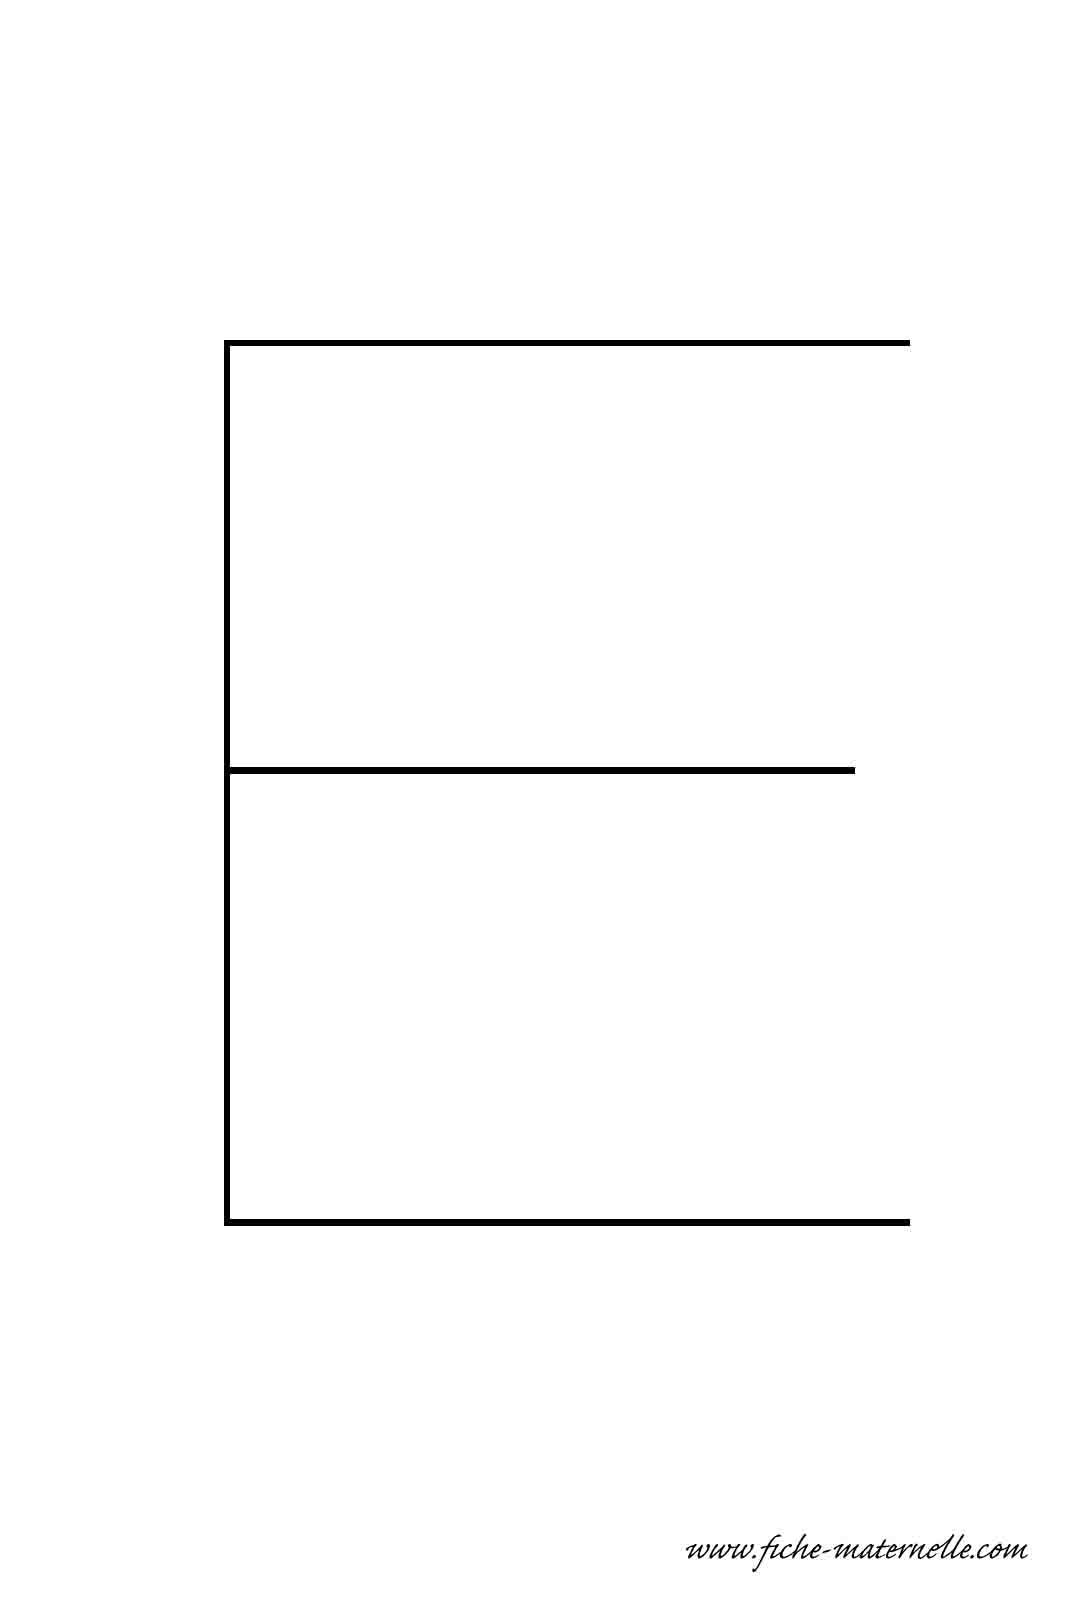 Lettre de l 39 alphabet d corer la lettre capitale e fil de fer - Lettres de l alphabet a decorer ...